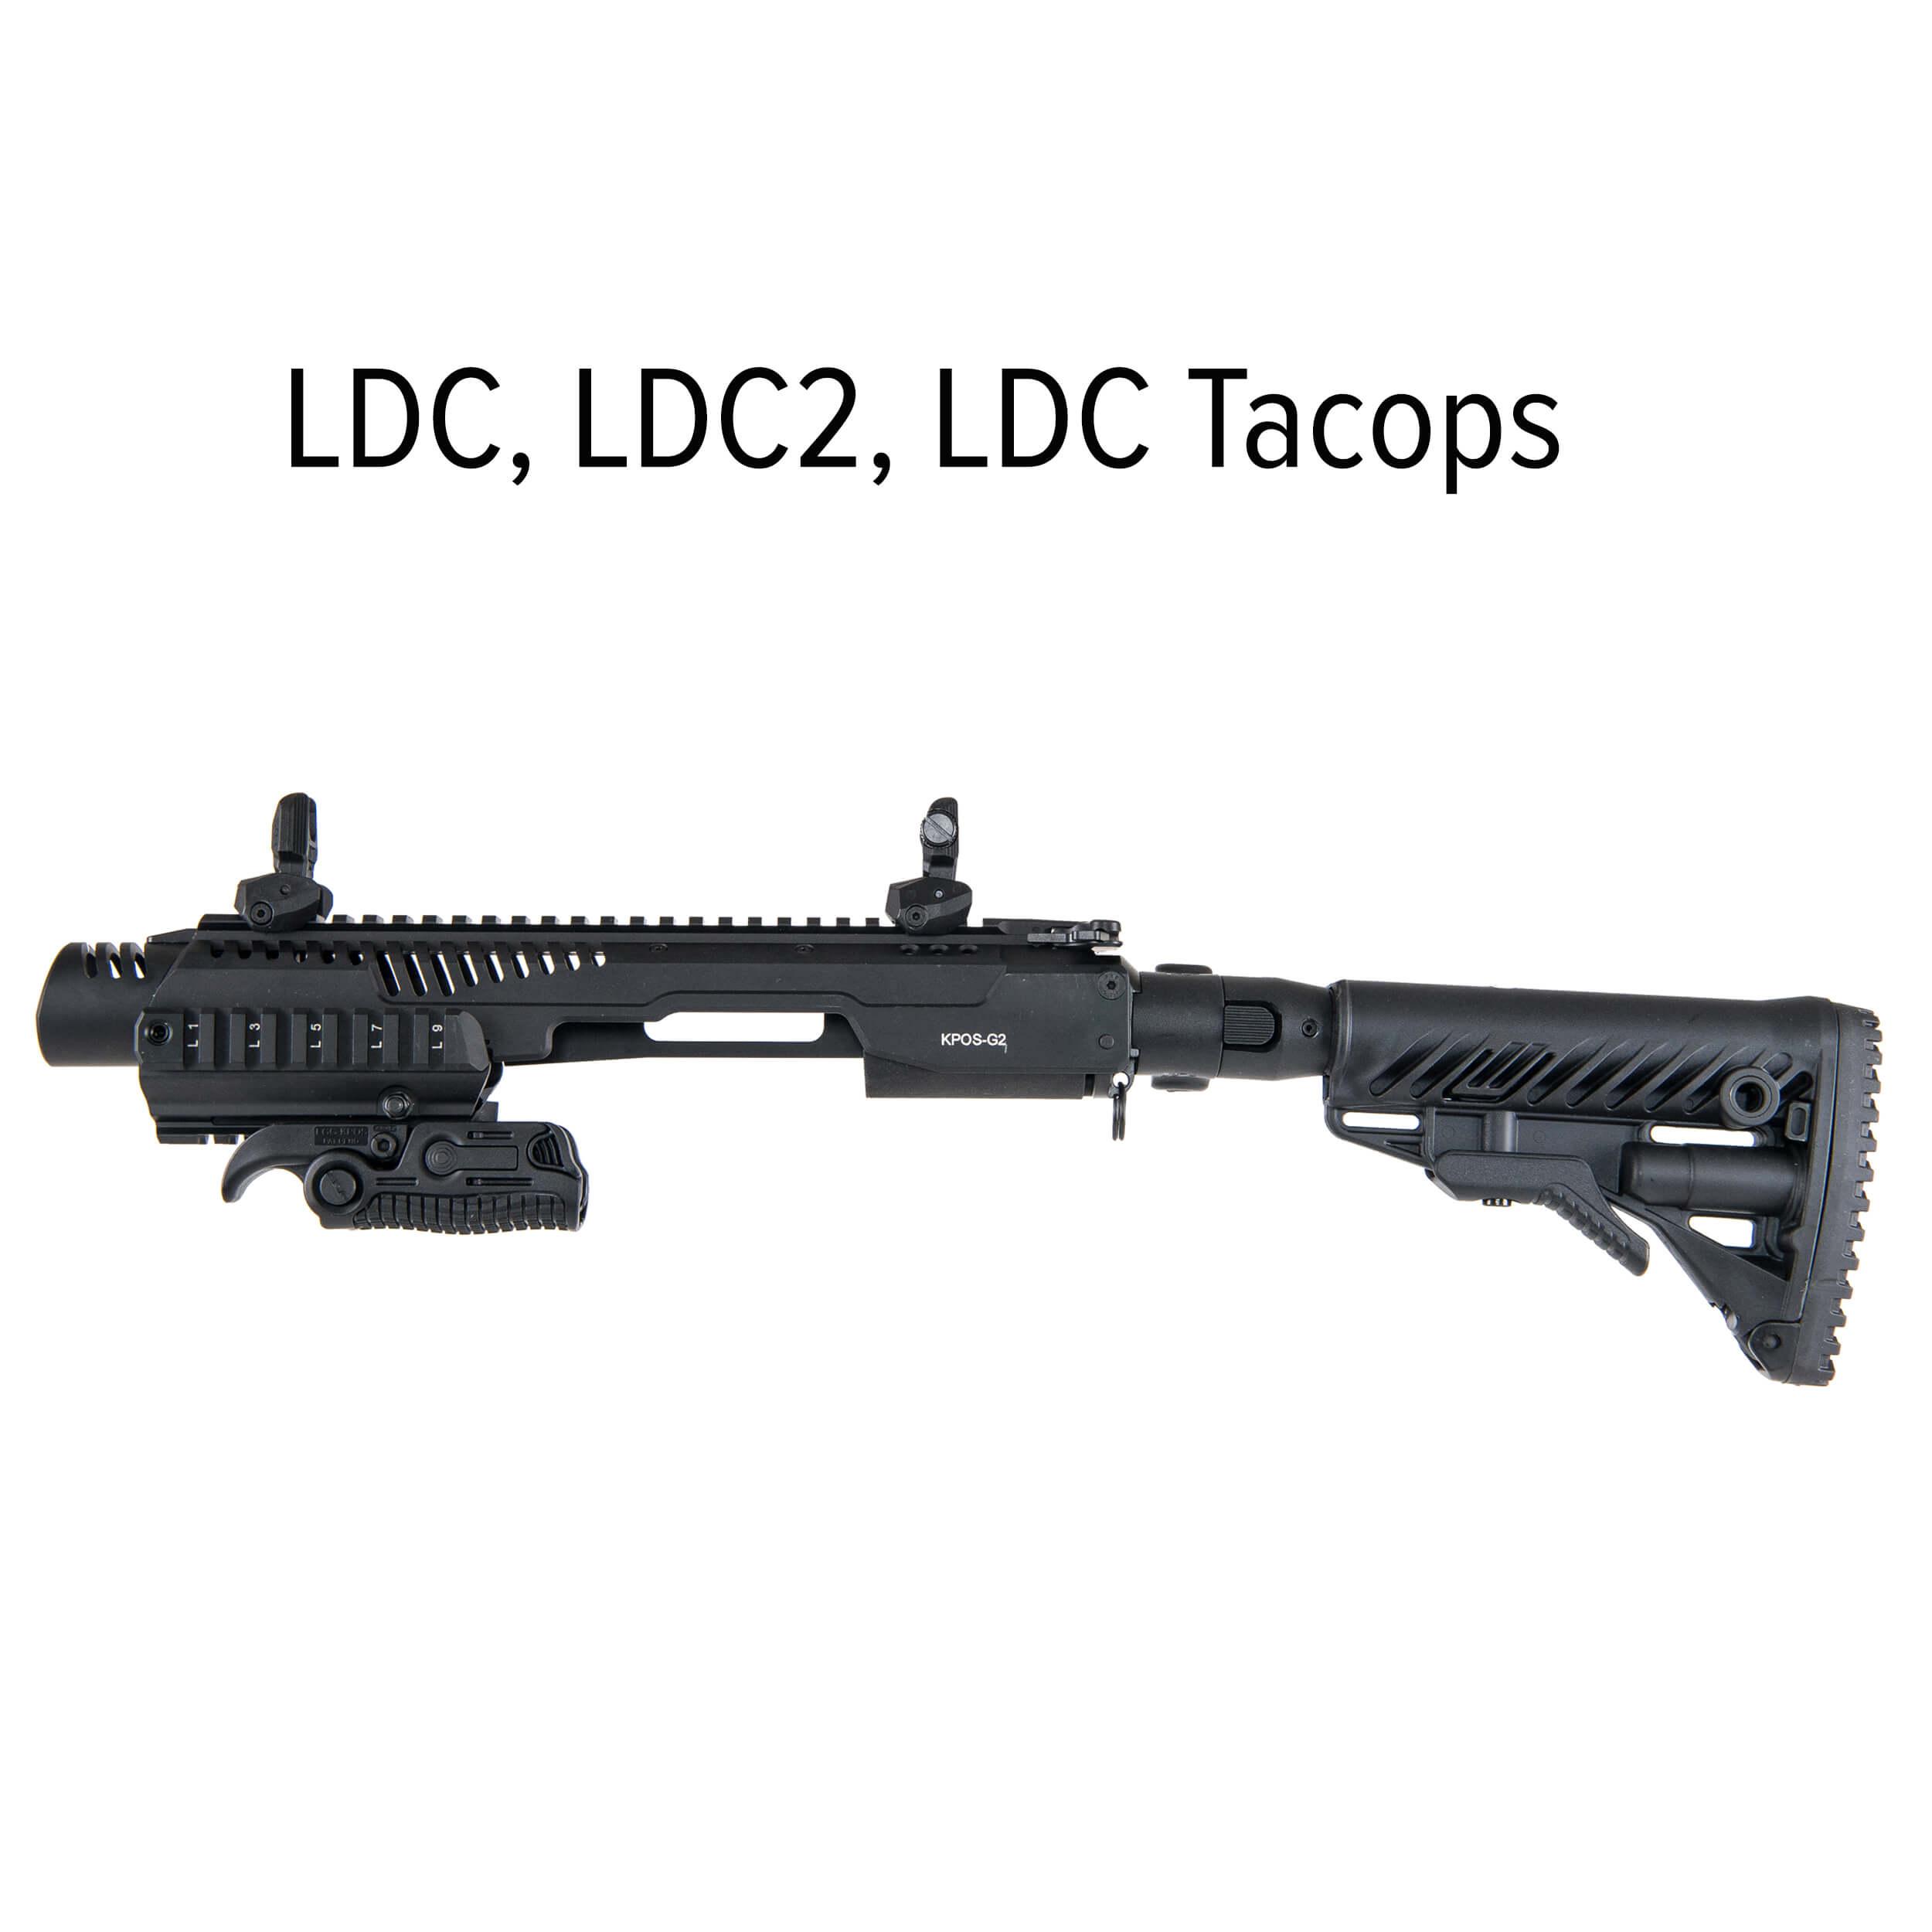 KPOS G2C Sig Sauer P226 LDC 2 Tacops